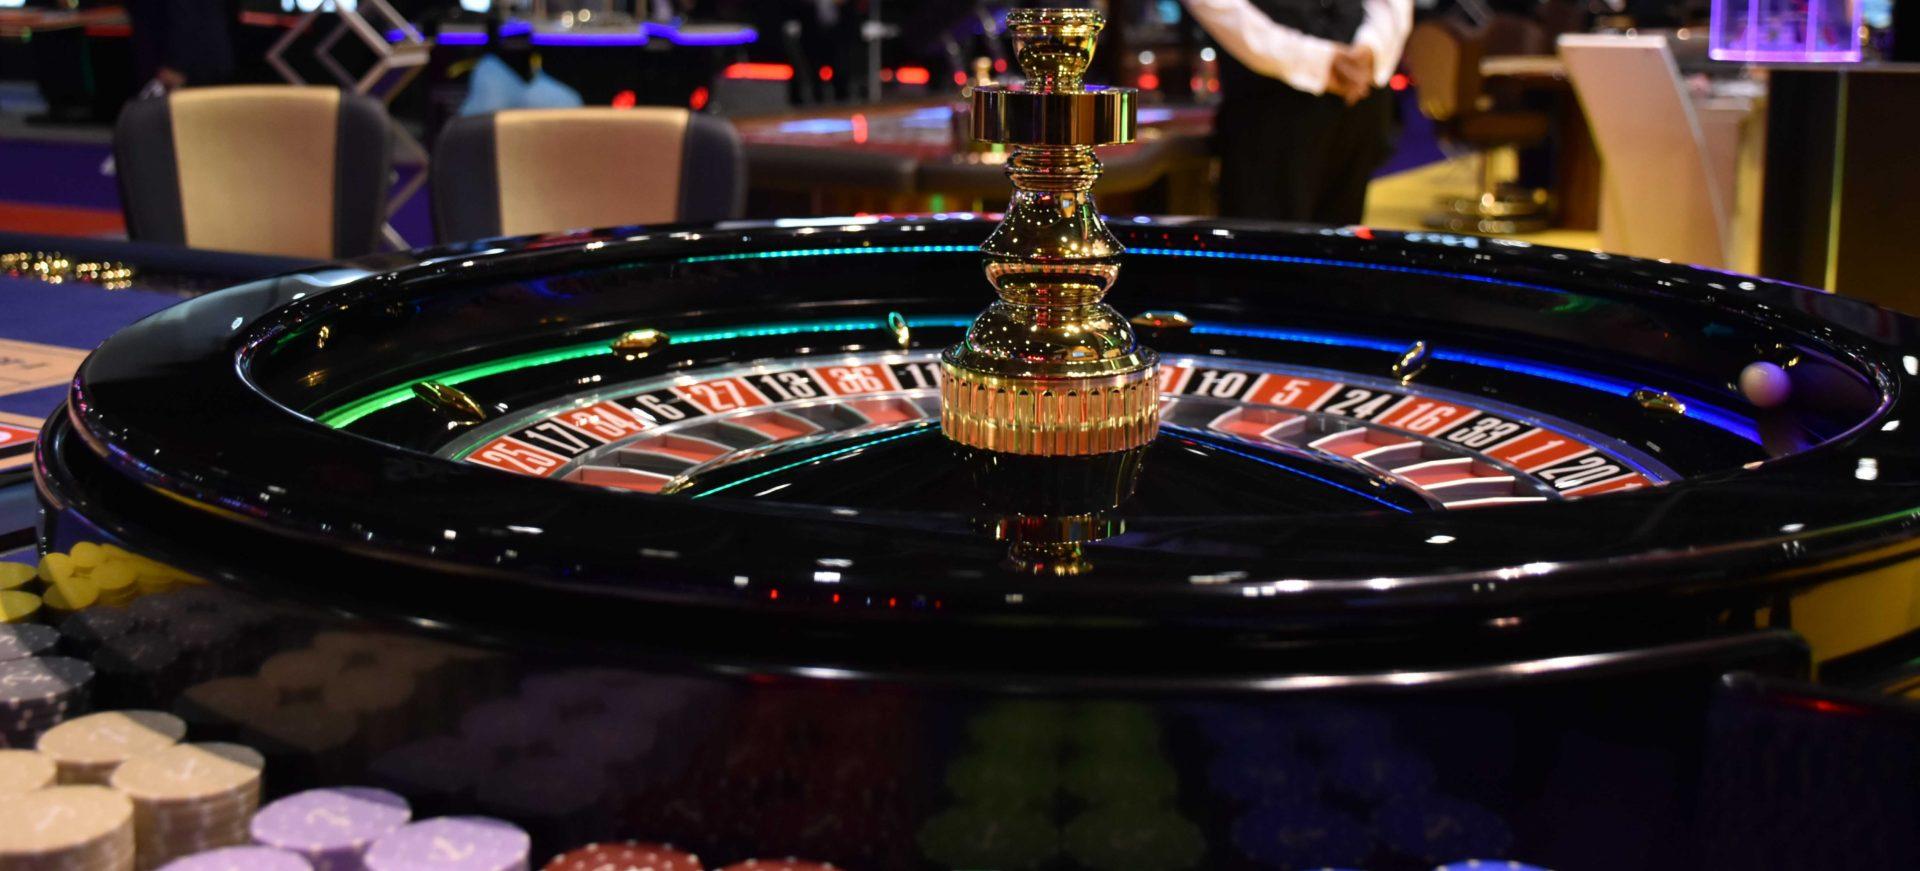 Казино без вложений: играть онлайн без денег и регистрации вы сможете уже сейчас, посетив онлайн казино на сайте и выбрав для игры самые яркие и прибыльные азартные забавы!.Ещё несколько лет назад.